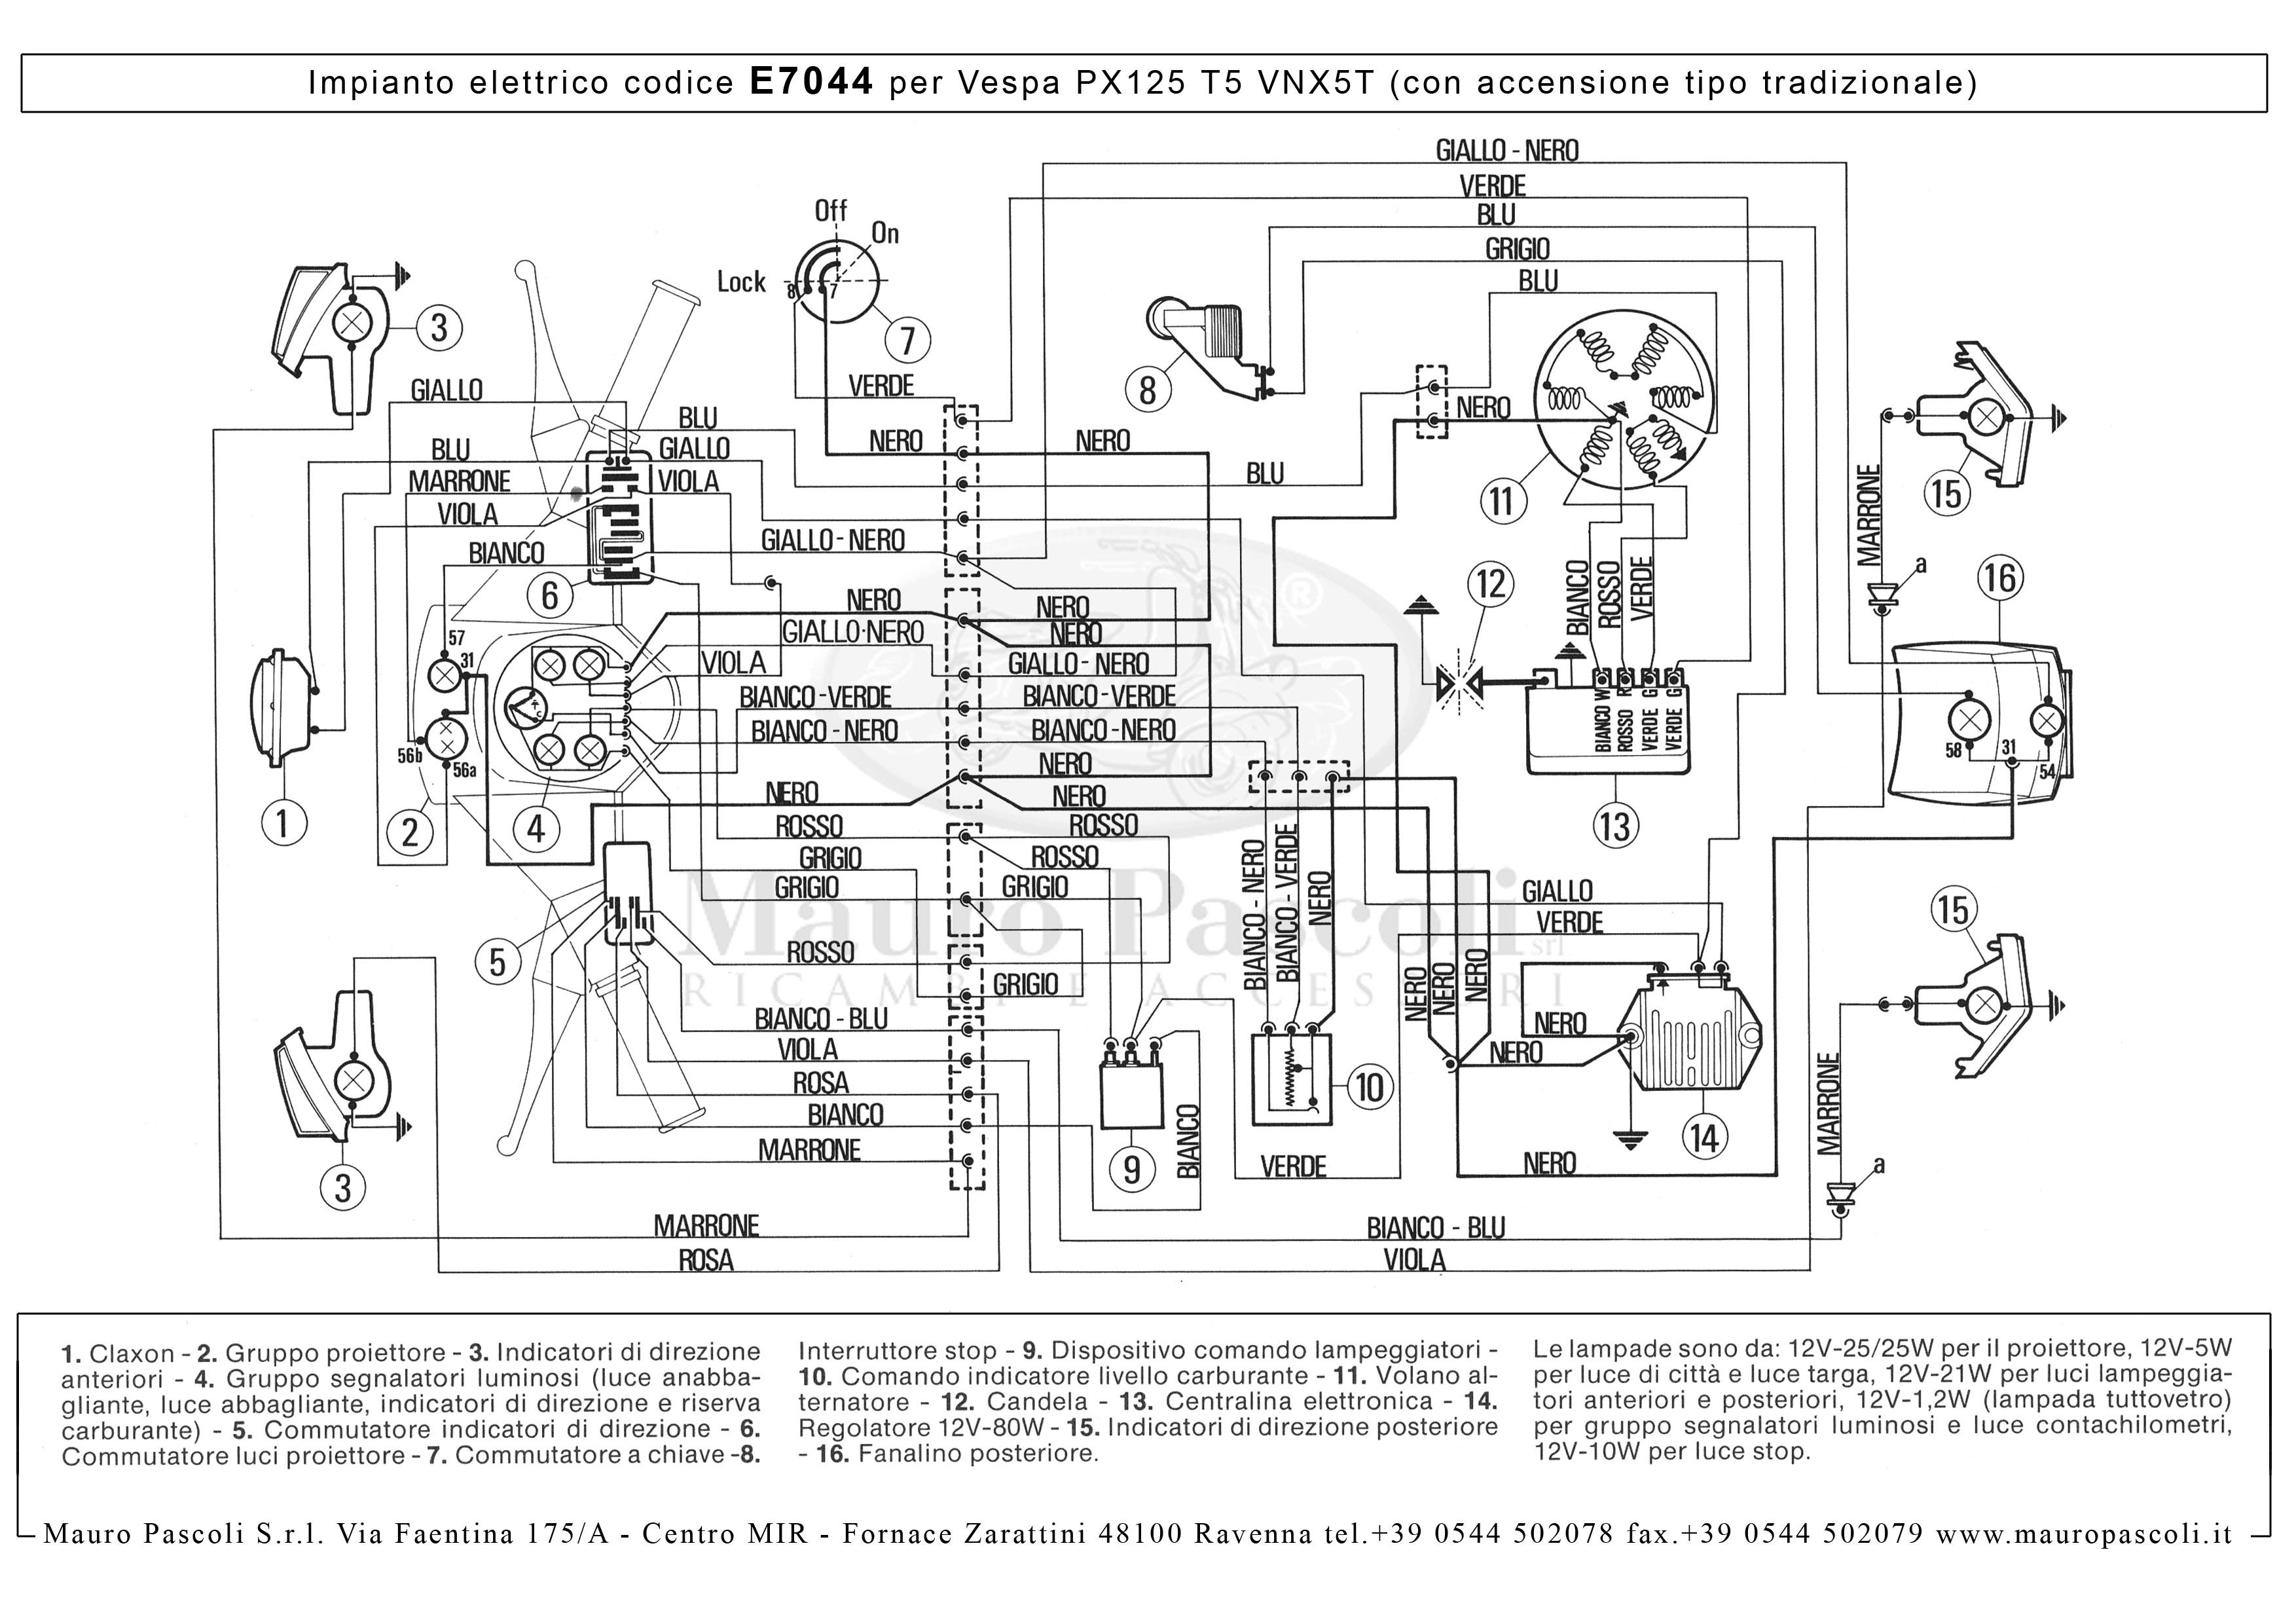 Schema Elettrico Hm 50 : Schema elettrico vespa px e u tutto su idee di immagine del